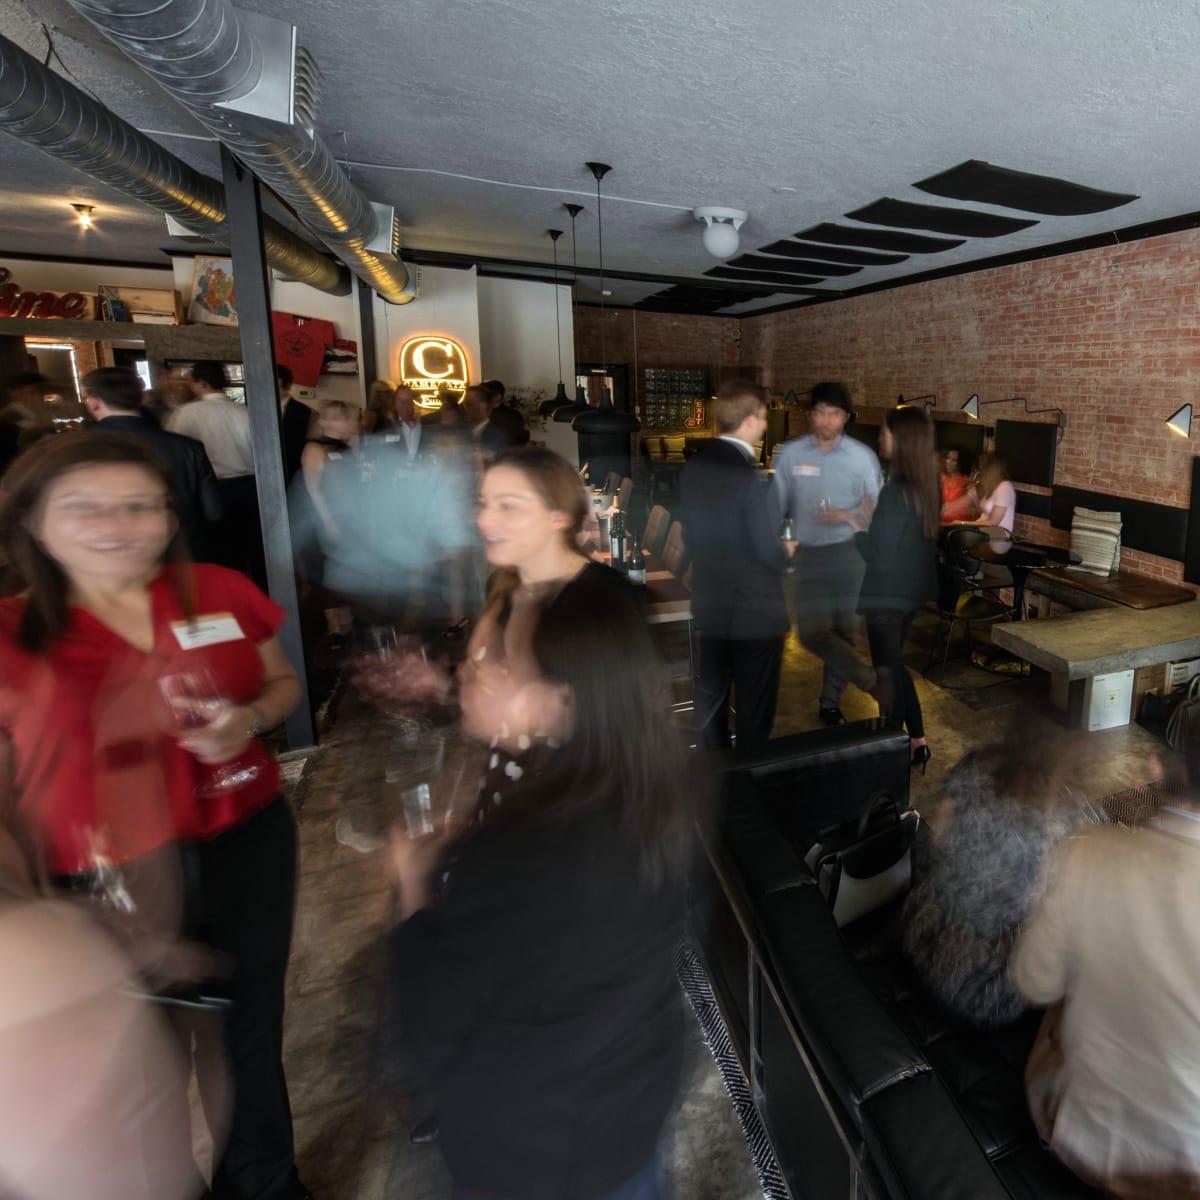 Houston, Camerata wine bar, September 2017